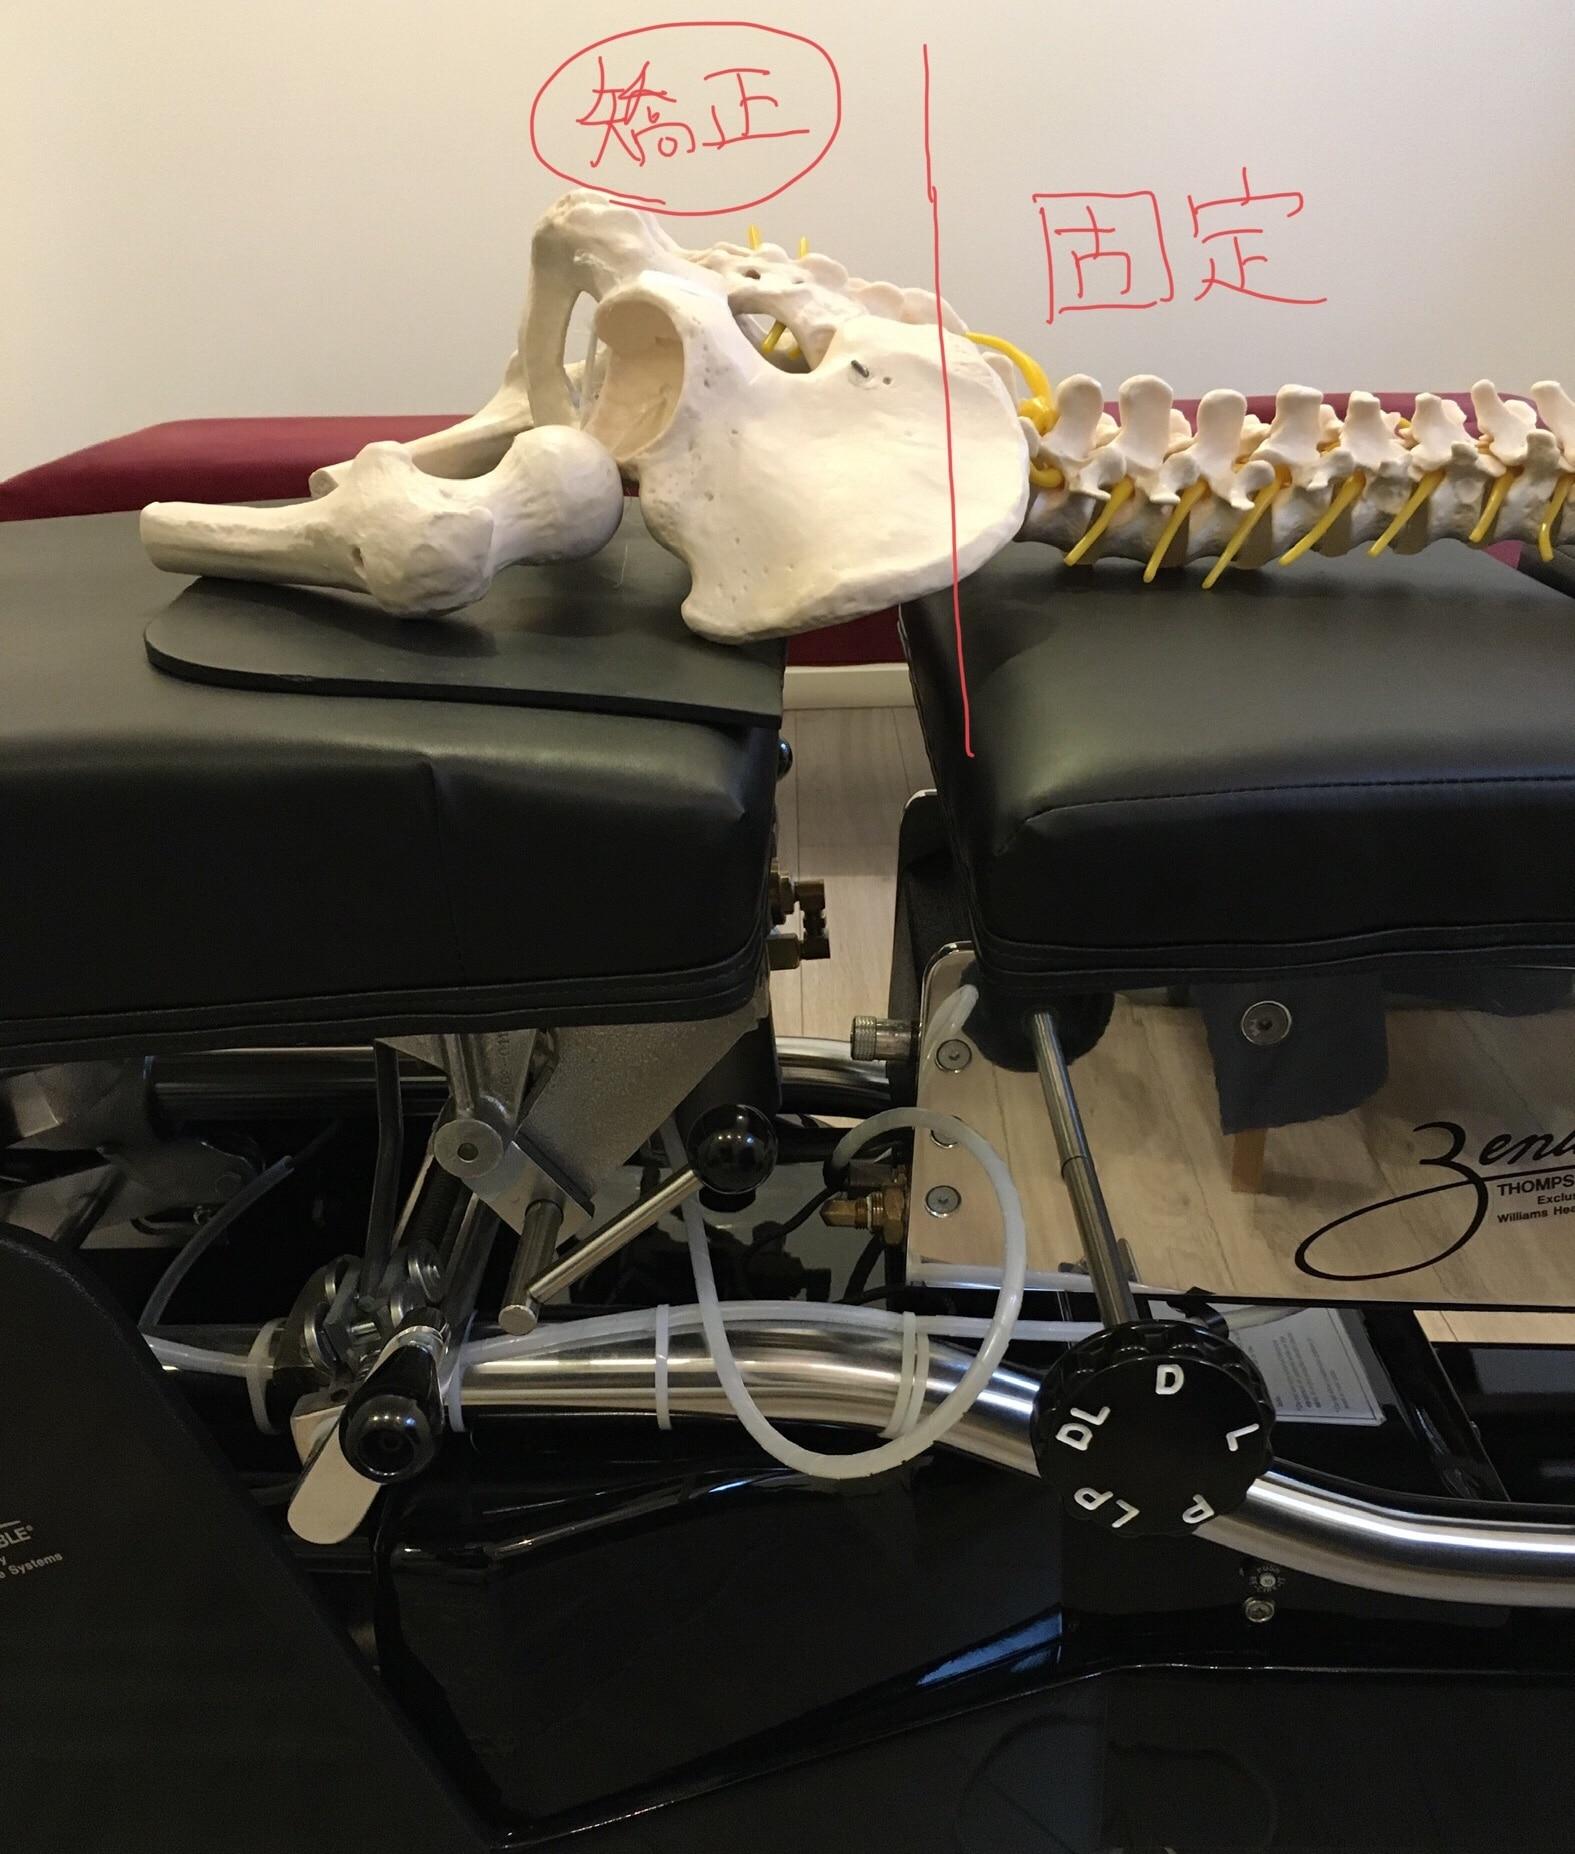 専用ベッドを用いて尾てい骨を矯正する時のイメージ